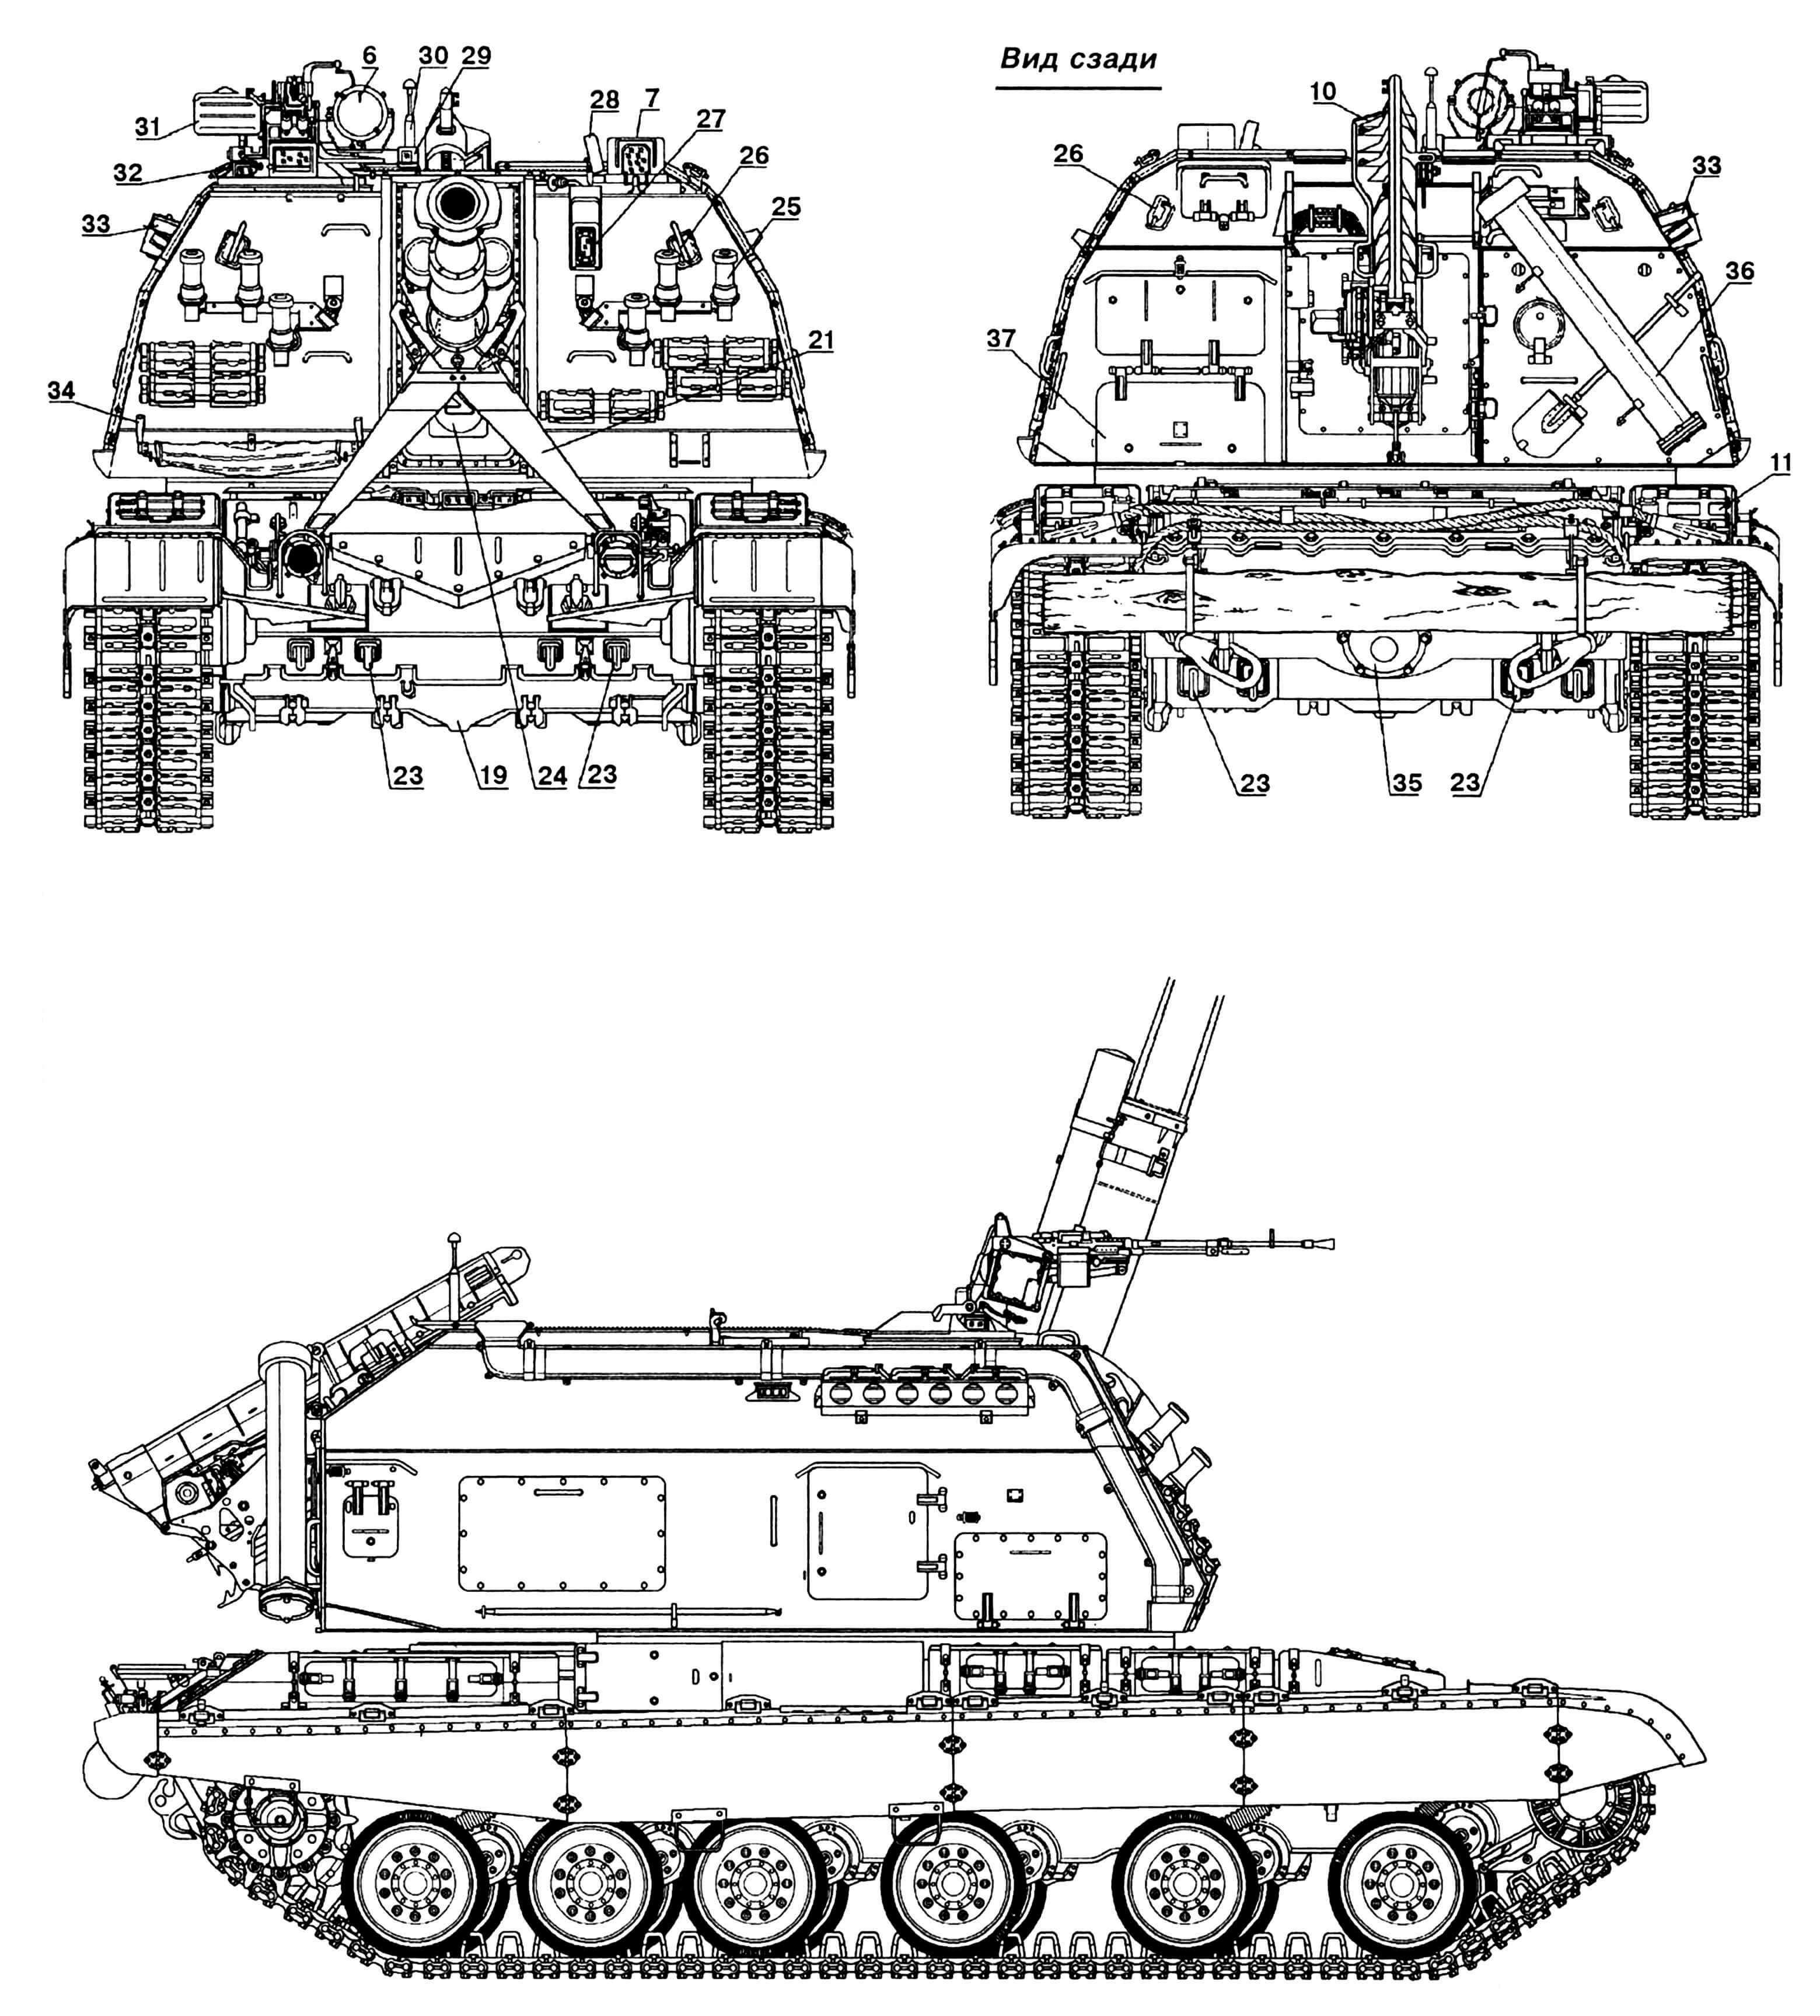 Самоходная артиллерийская установка 2С19 «Мста-С» № 1010ШТ8037 выпуска 1993 года: 1 — тормоз дульный; 2 — ресивер; 3 — 152-мм гаубица 2А64; 4 — откатное устройство (2 шт.); 5 — 12,7-мм пулемет НСВТ-12,7 «Утес»; 6 — осветитель ОУ-3ГАМ «Узор»; 7 — прицел панорамный 1П22; 8 — воздуховод системы воздухоочистки; 9 — люк наводчика бортовой; 10 — конвейер подачи снарядов с грунта; 11 — ящики ЗИП задние; 12 — бревно для самовытаскивания; 13 — бак для масла; 14 — колесо ведущее; 15 — патрубок двигателя выхлопной; 16 — каток опорный; 17 — экран бортовой резинотканевый; 18 — гидроамортизатор; 19 — самоокапыватель; 20 — колесо направляющее; 21 — ящик ЗИП передний (2 шт.); 22 — кронштейн крепления ствола по-походному; 23 — петли для швартовки машины в самолете; 24 — лючок выброса стреляных гильз; 25 — 81-мм дымовые гранаты системы 902В «Туча»; 26 — крюки для снятия башни; 27 — окно прицела прямой наводки; 28— шторка прицела 1П22, защитная; 29 — прицел установки ПЗУ-5; 30 — ввод антенный; 31 —ящик патронный пулемета НСВТ-12,7; 32 — ночной прибор ТКН-ЗМ «Речник», командирский; 33 — ящики патронные запасные пулемета НСВТ-12,7; 34 — пила в чехле; 35 —люк доступа к трансмиссии; 36 — оборудование ОПВТ; 37 — люк подачи снарядов с грунта; 38 — патрубок системы пневмоочистки стекла прицела 1П22; 39 — штырь мерный; 40 — люк наводчика с лючком установки трубы ОПВТ; 41 — рифленые дорожки для хождения; 42 — люк заряжающего; 43 — люк командира; 44 — фара ФГ-125 с ИК-фильтром; 45 — фара ФГ-127 со СМУ.